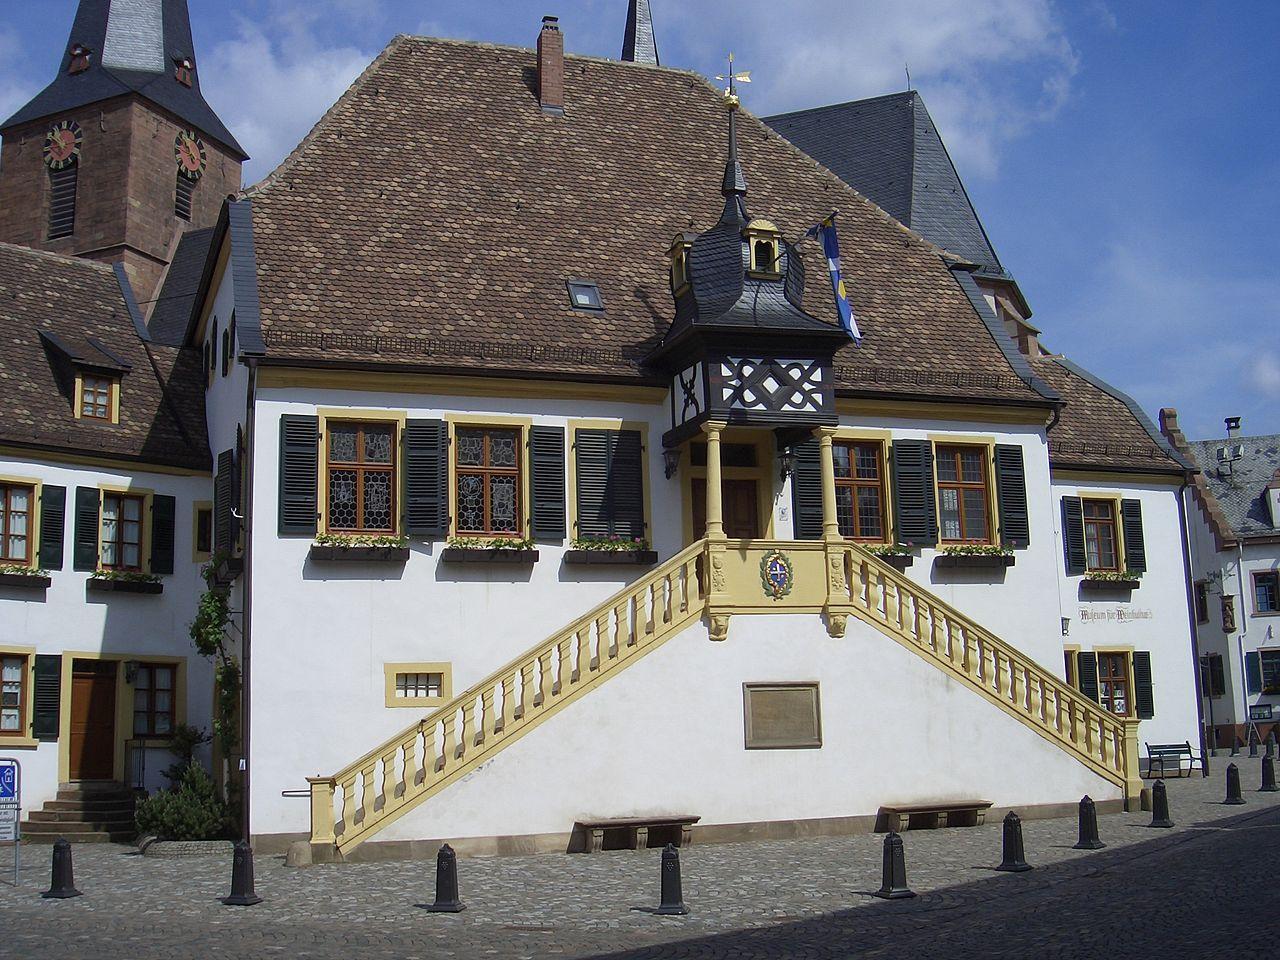 Дайдесхайм, Германия: интересные достопримечательности, чем заняться в городе, где вкусно поесть, отзывы туристов